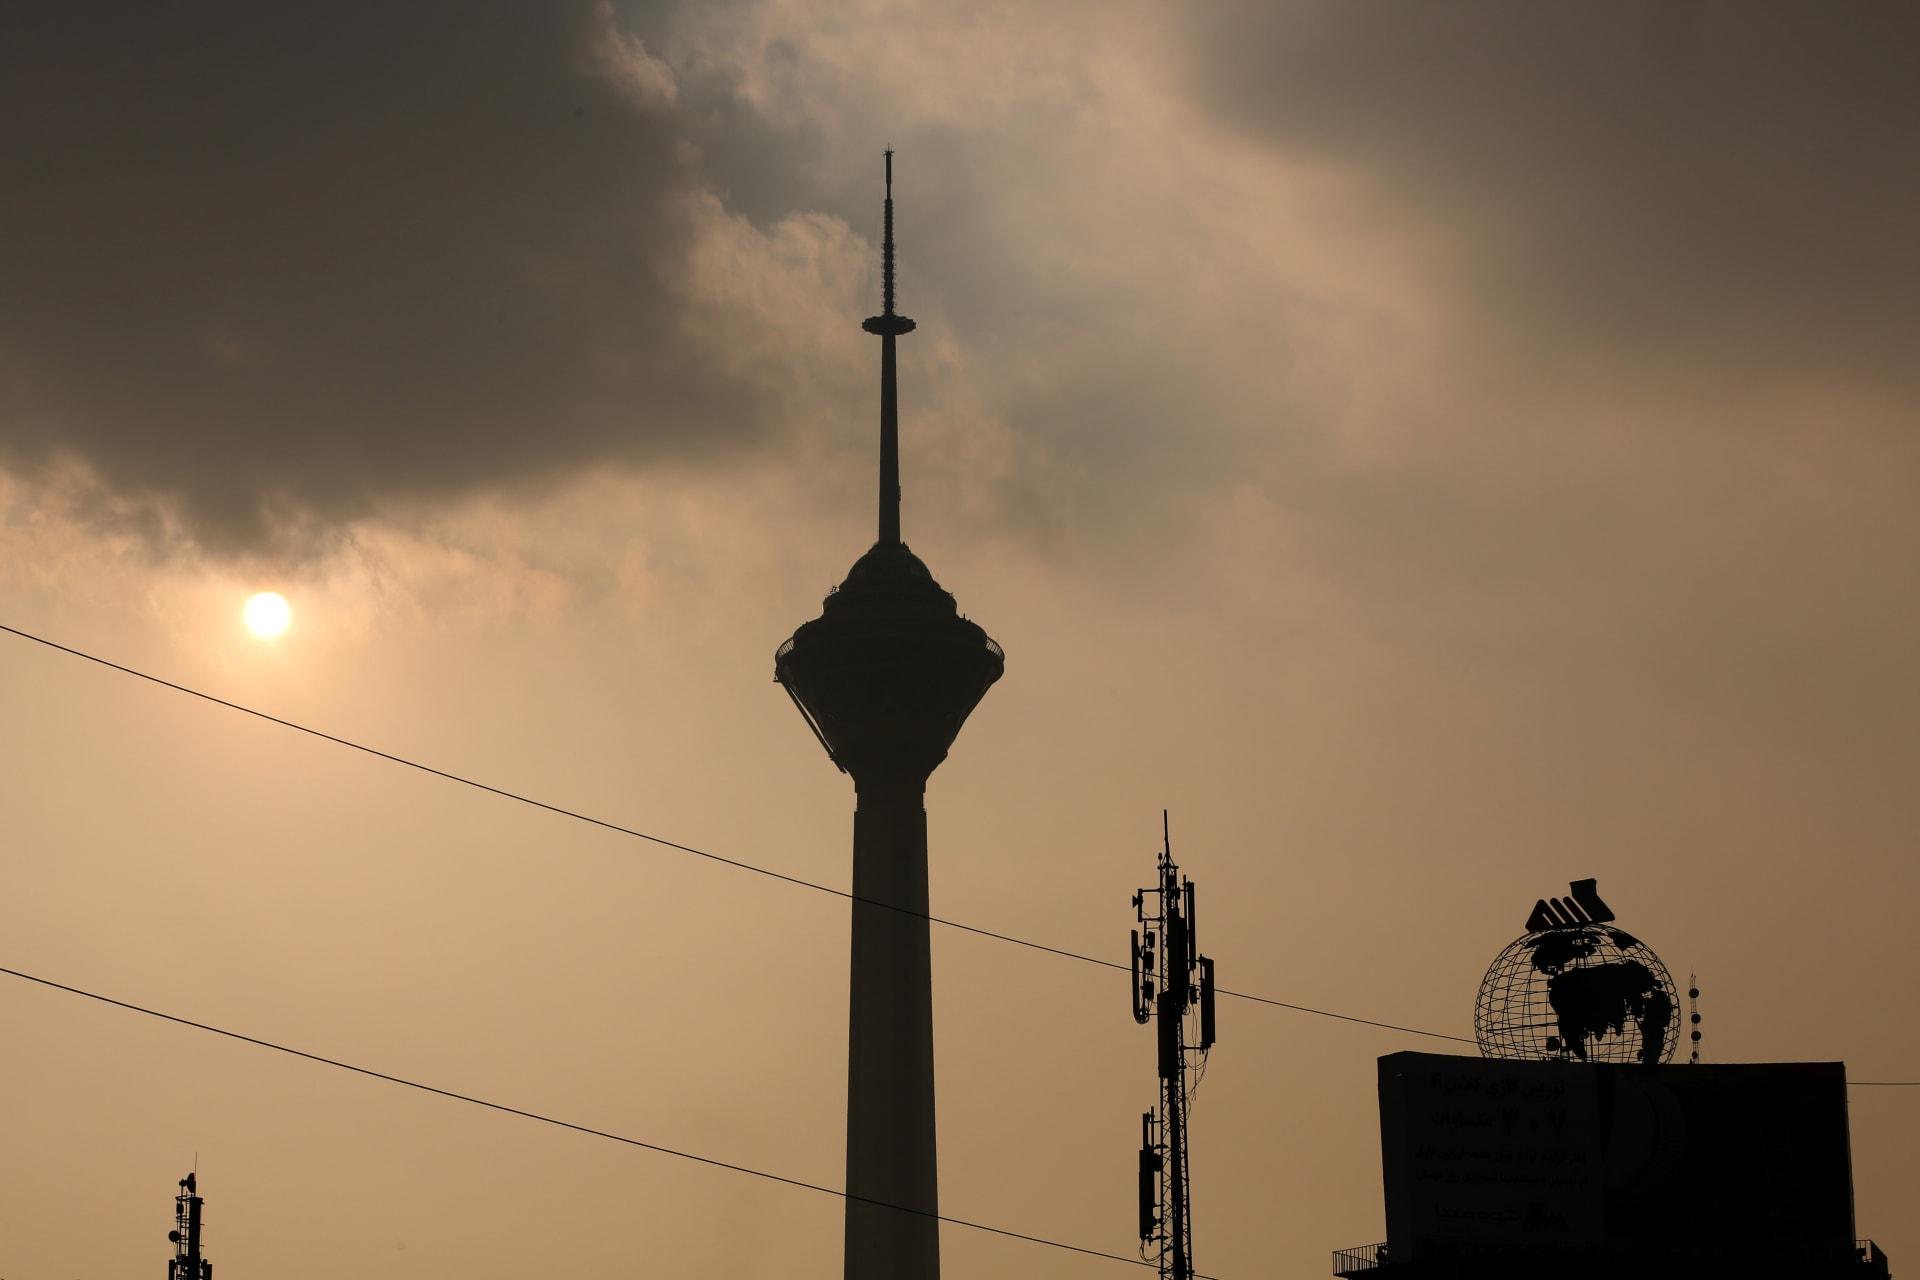 إيران.. تلوث الهواء يقتل 180 شخصاً في طهران يومياً